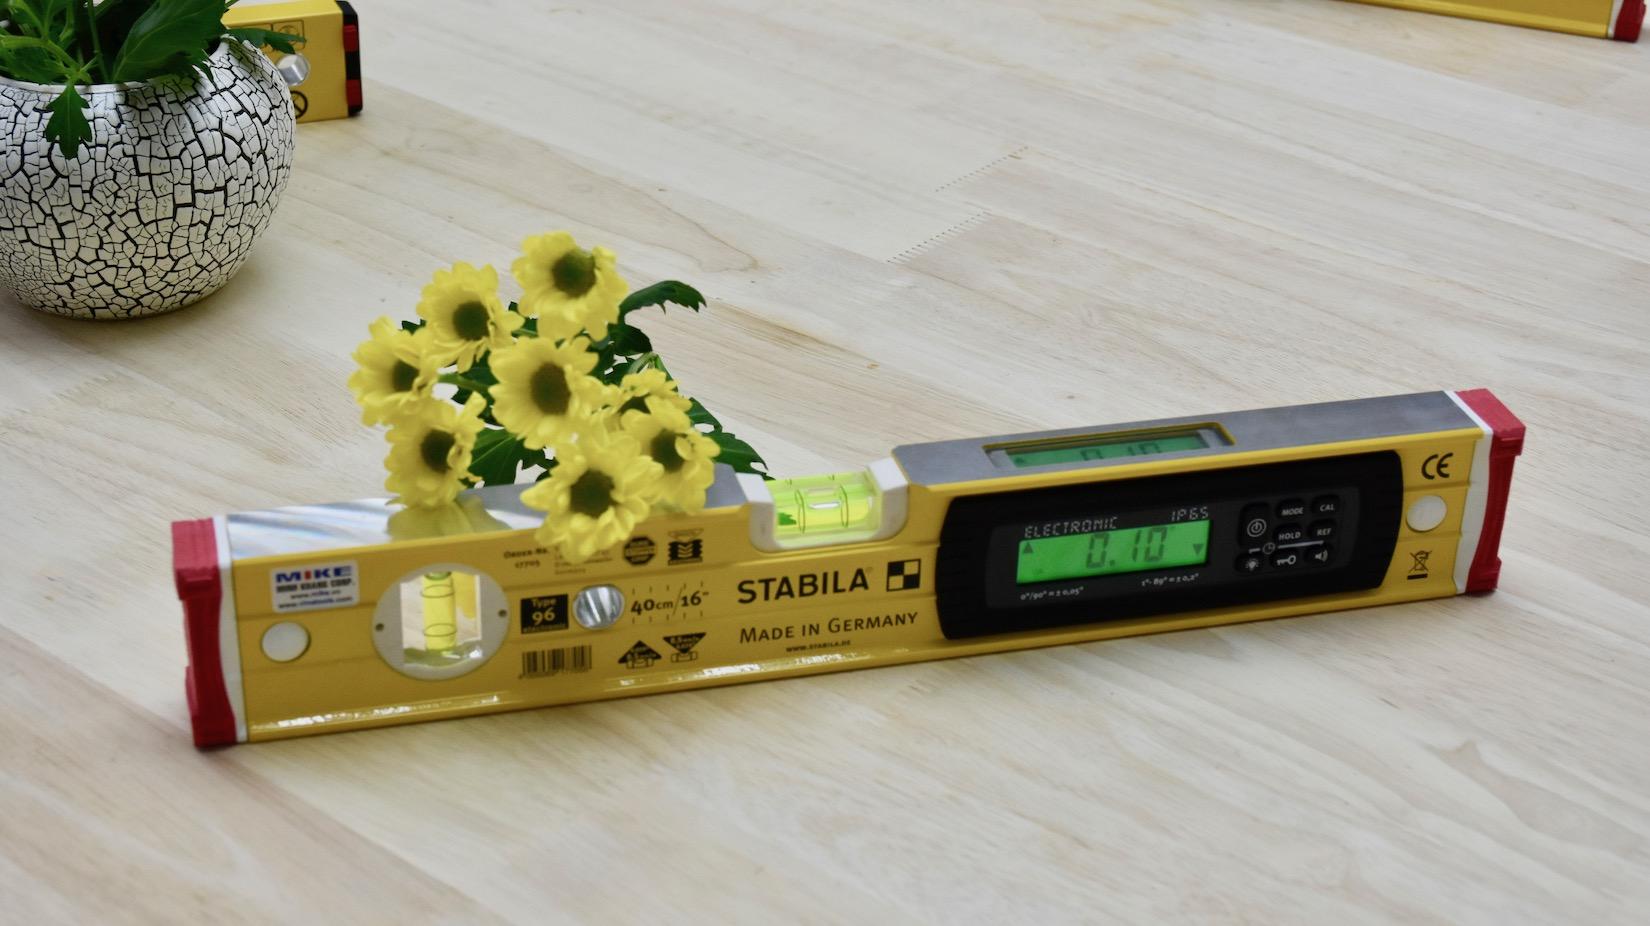 Màn hình hiển thị LCD trên cả 2 mặt đo của thước nivo điện tử